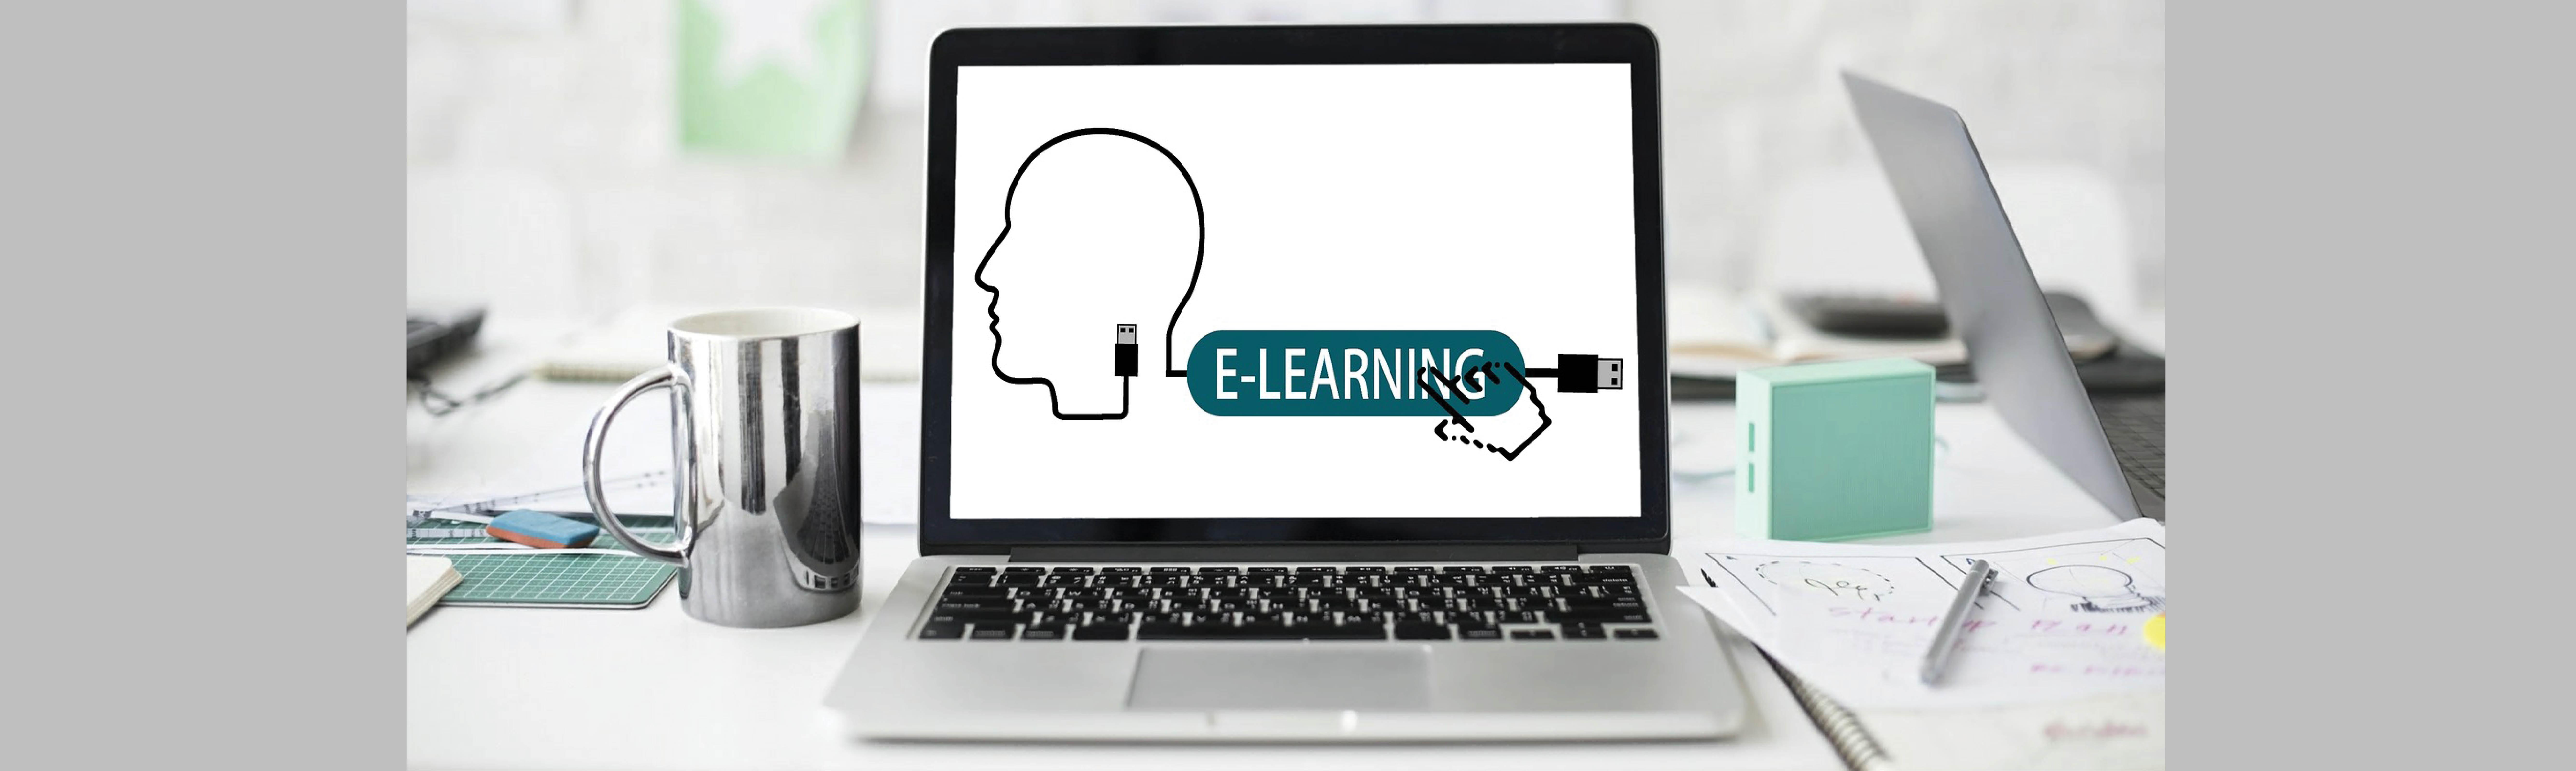 E learning banner